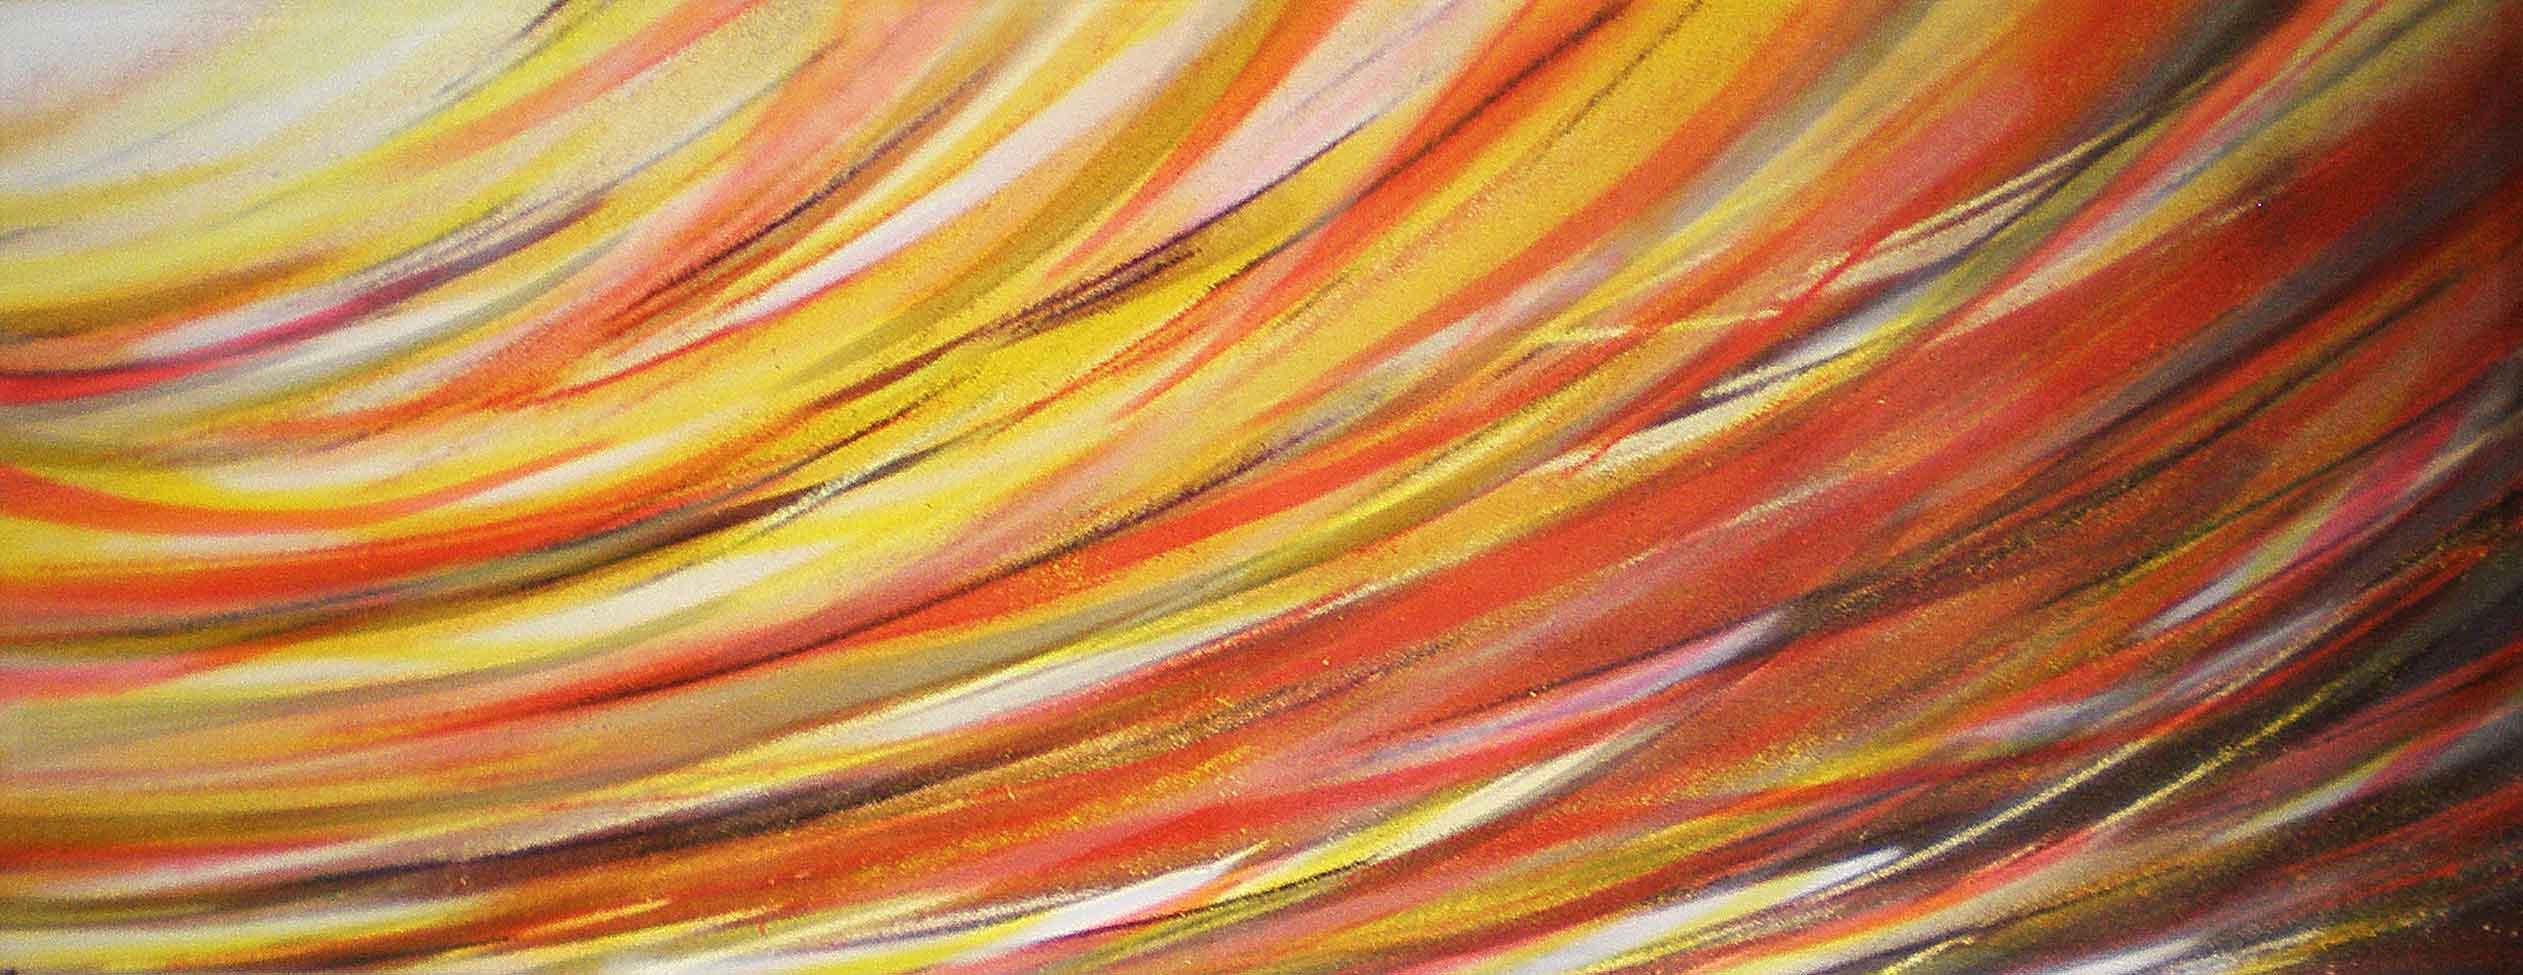 tableau amnesie abstrait noir rouge orange et jaune